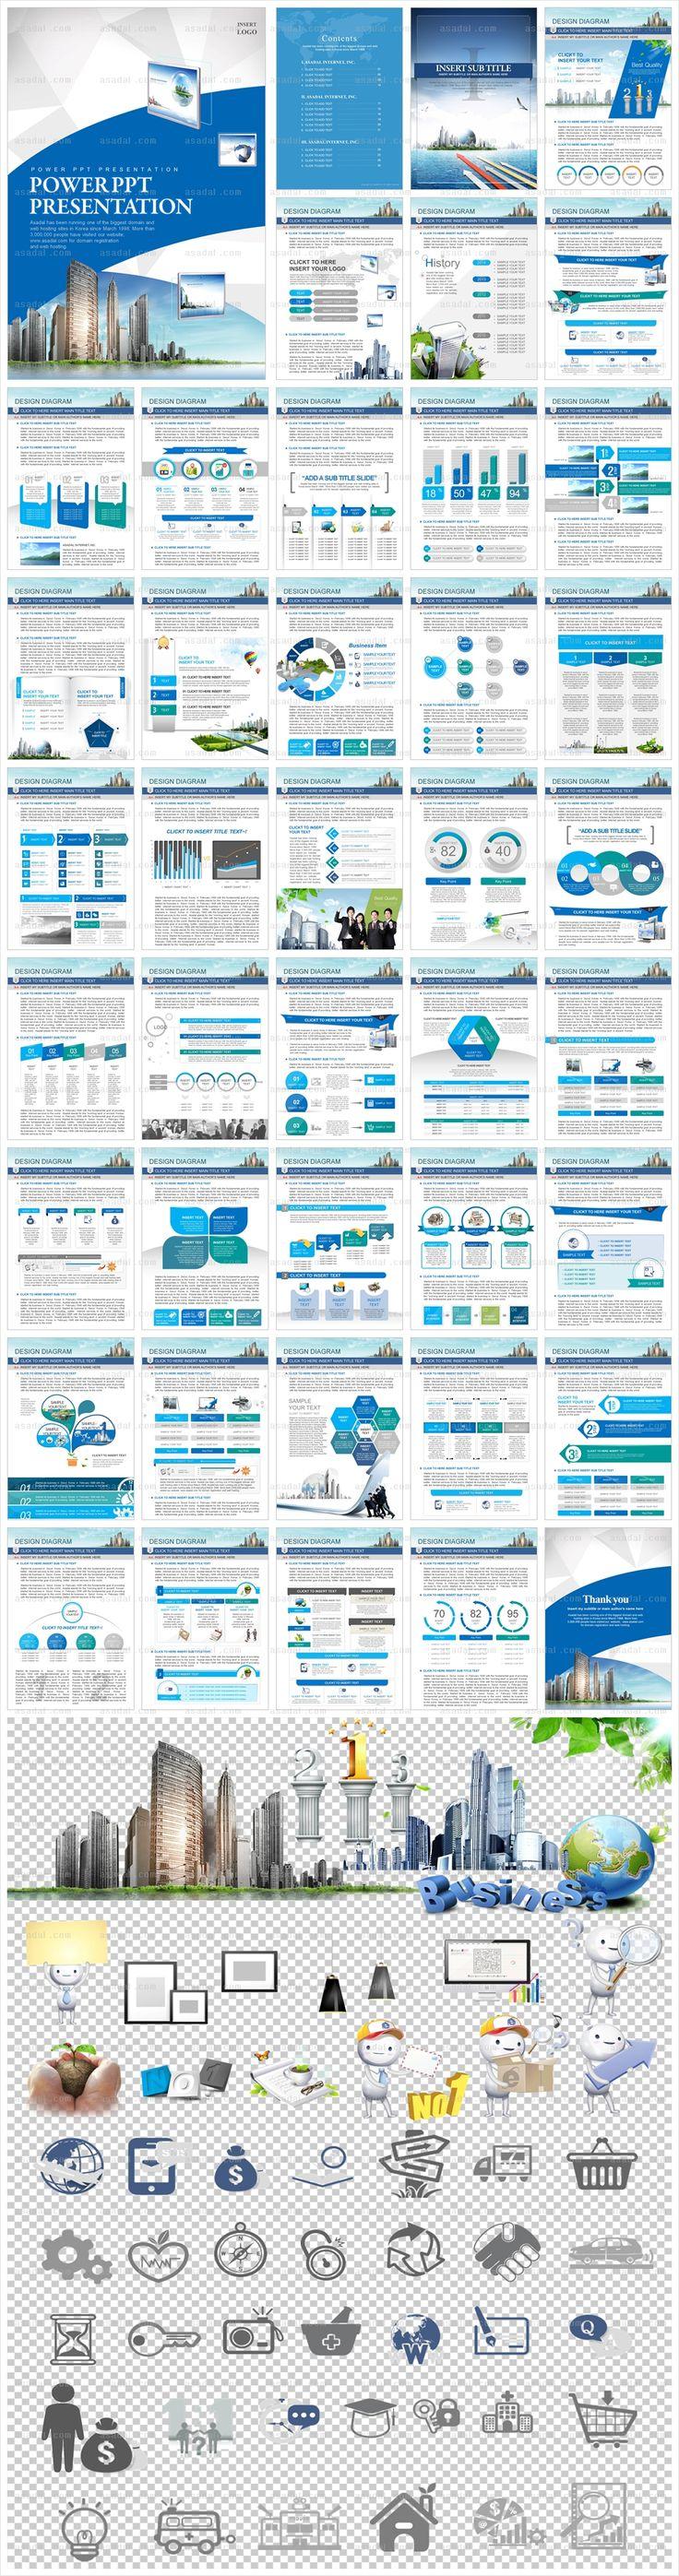 세로_비즈니스 회사소개서_0124(바니피티) 파워포인트 PPT 템플릿 디자인